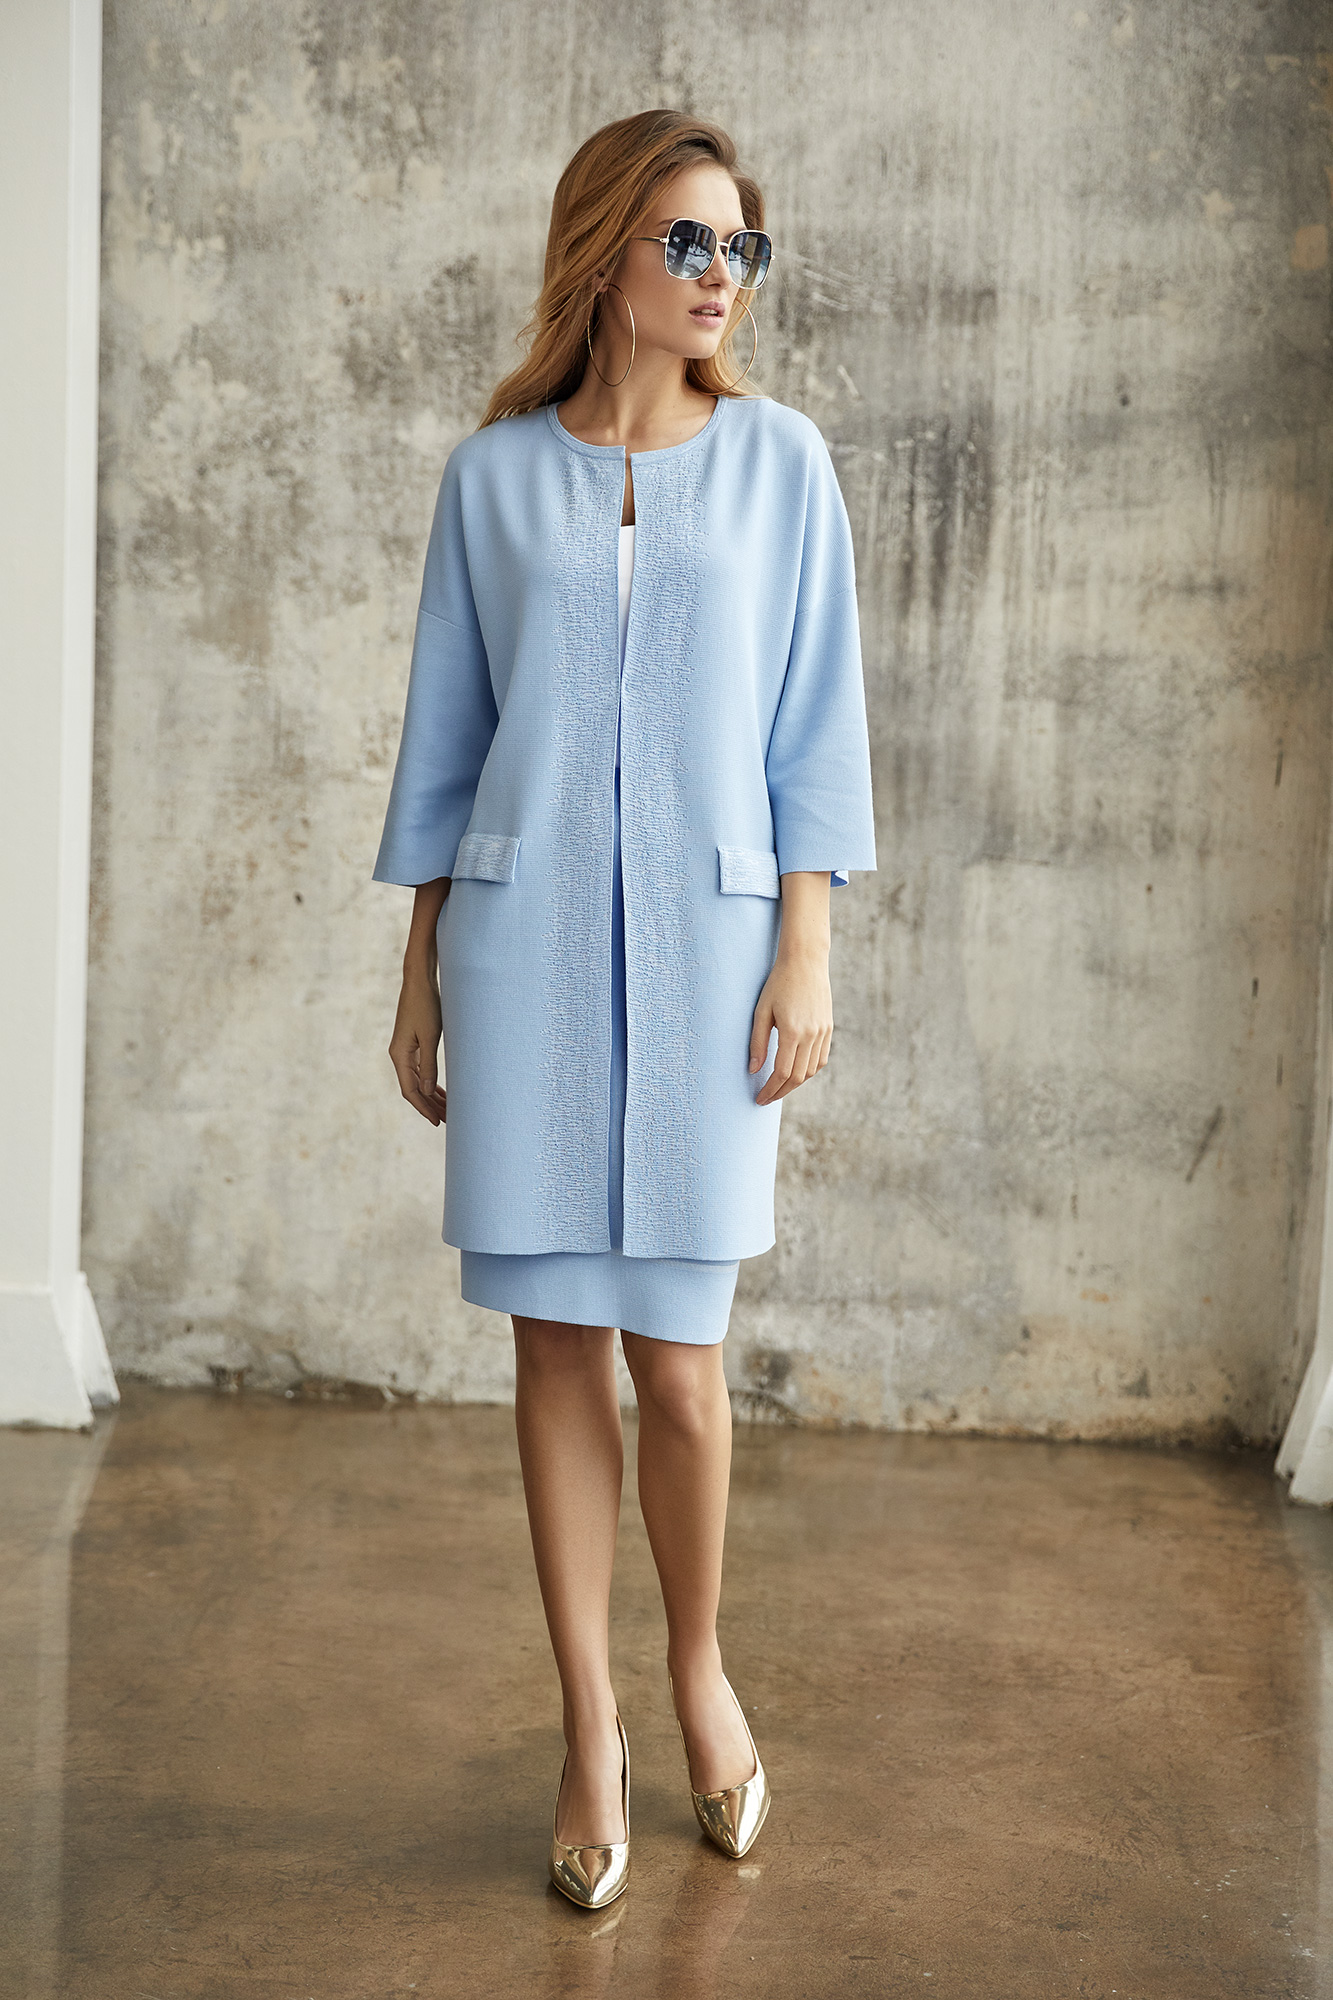 płaszcz odeon, płaszcz błękitny, spódniczka błękitna, elegancki strój